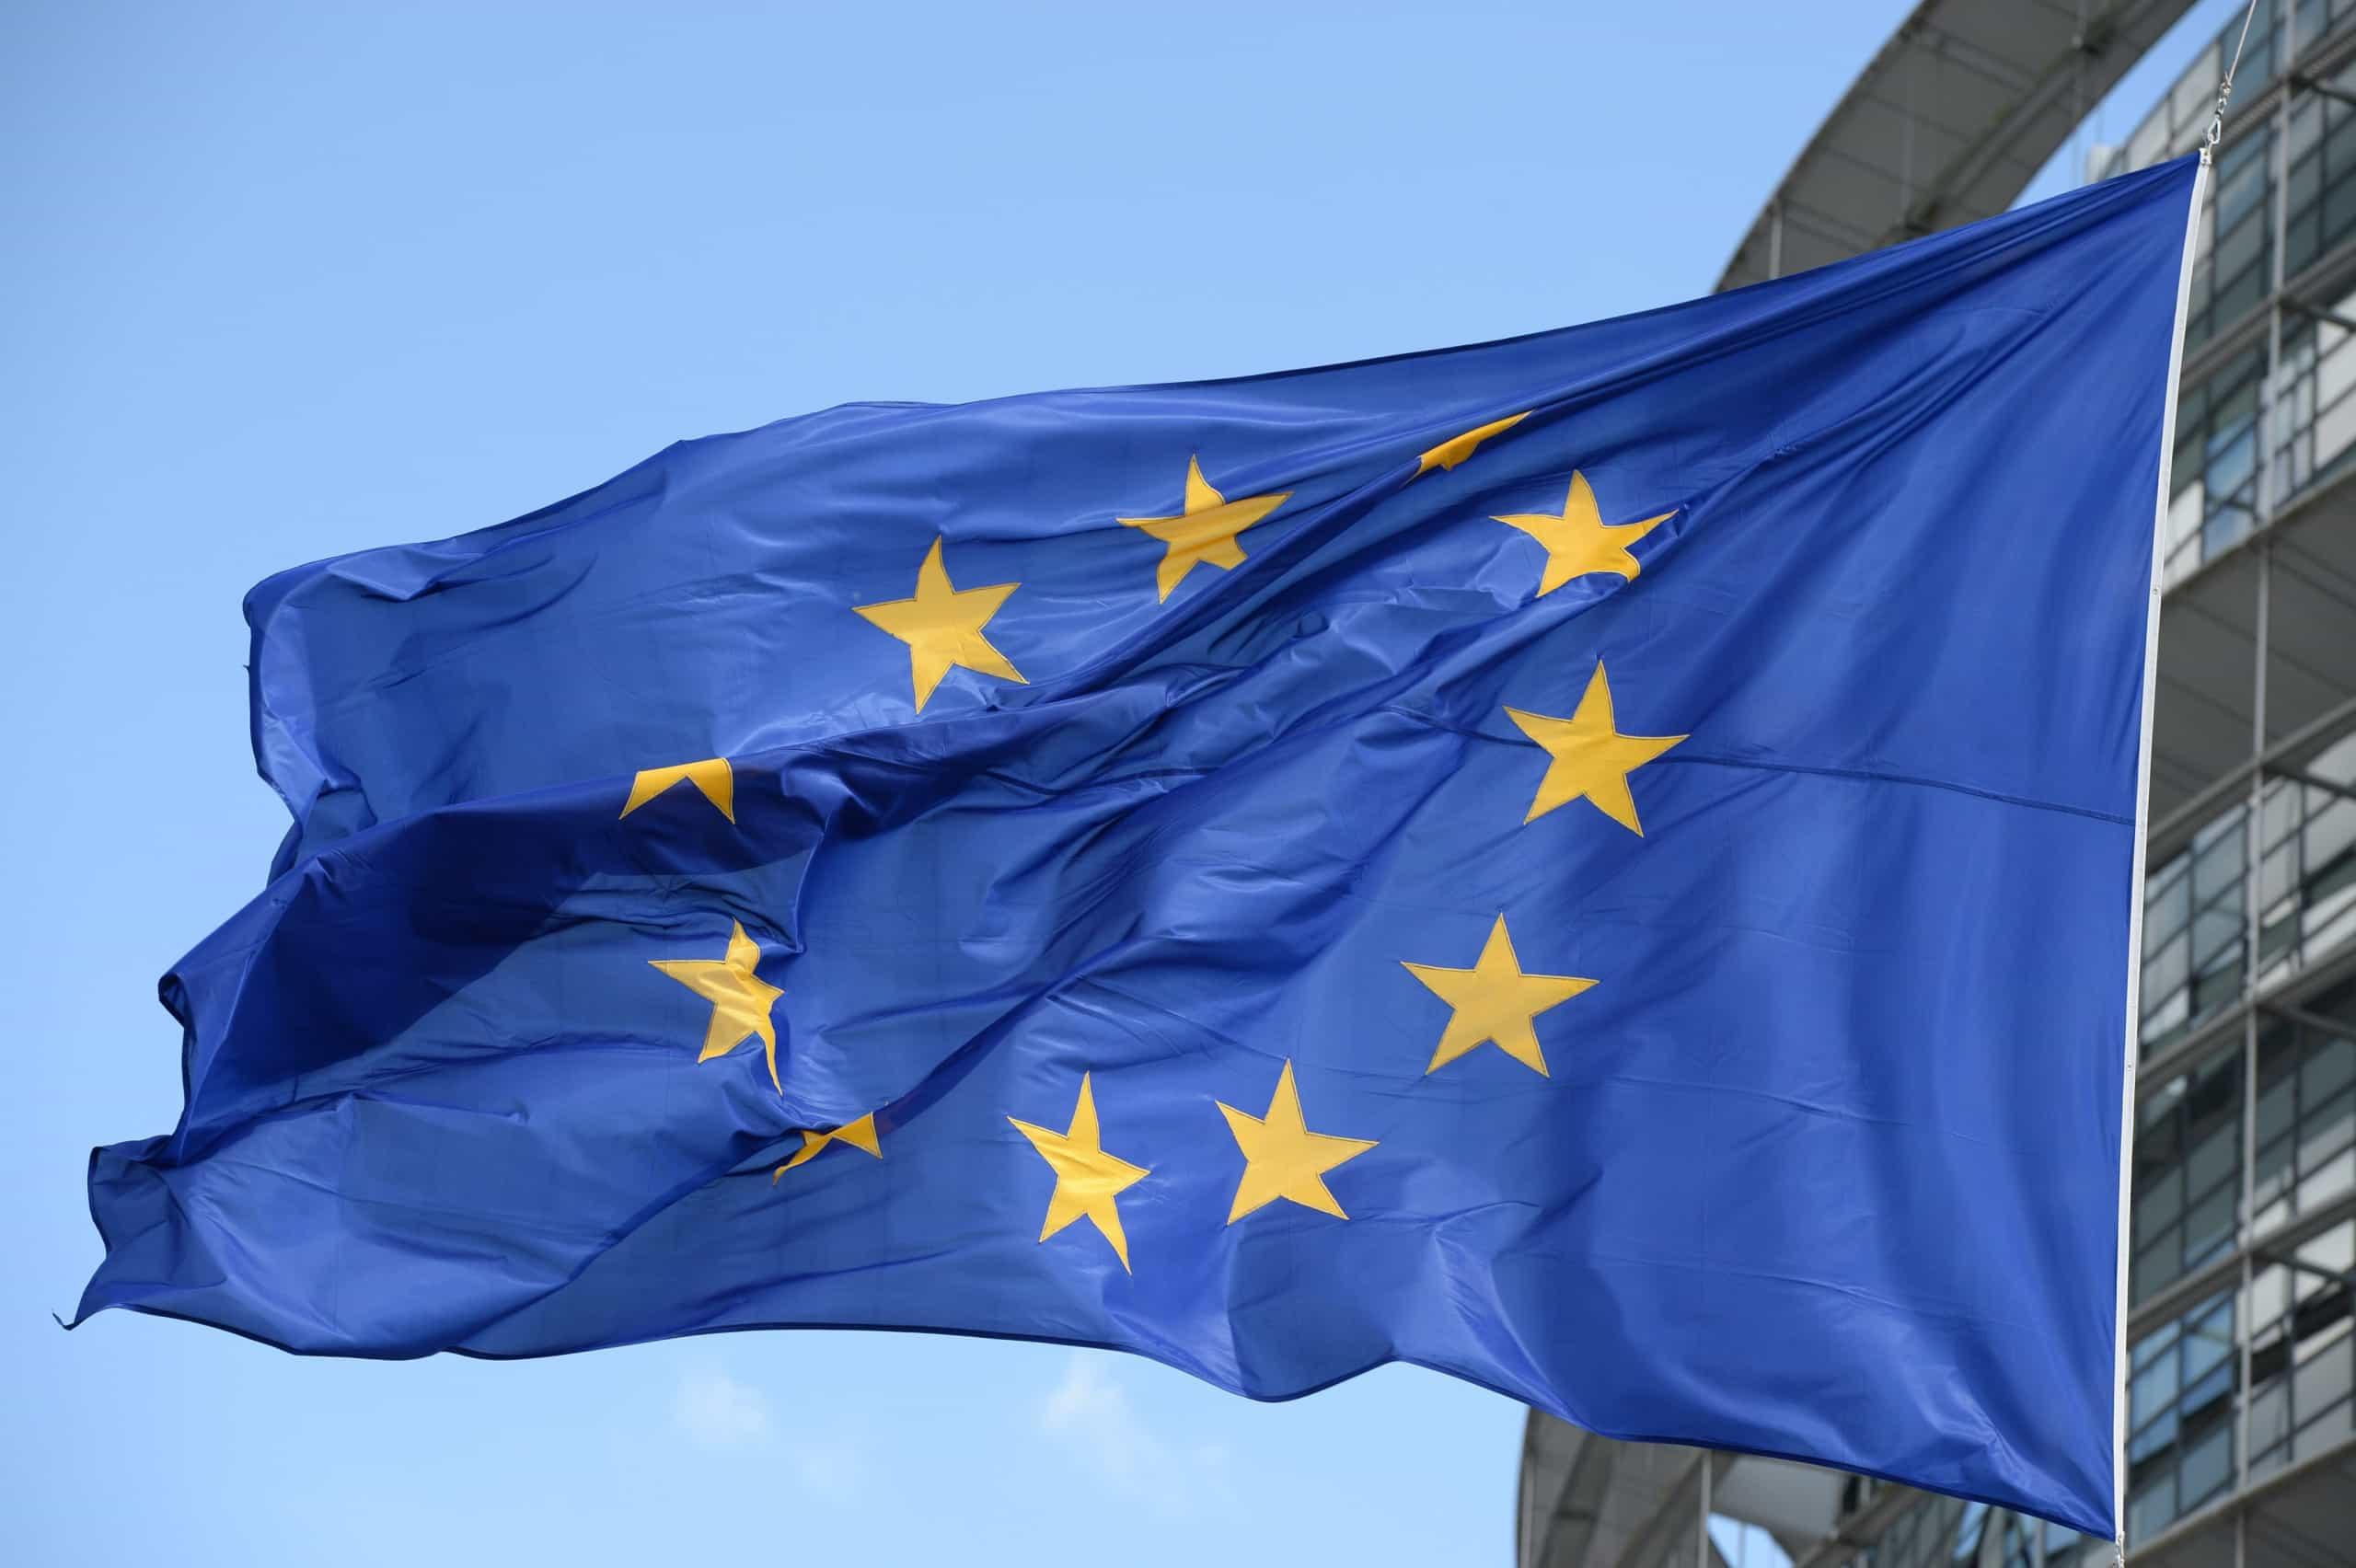 Prazo para cidadãos darem a opinião sobre Europeana termina hoje